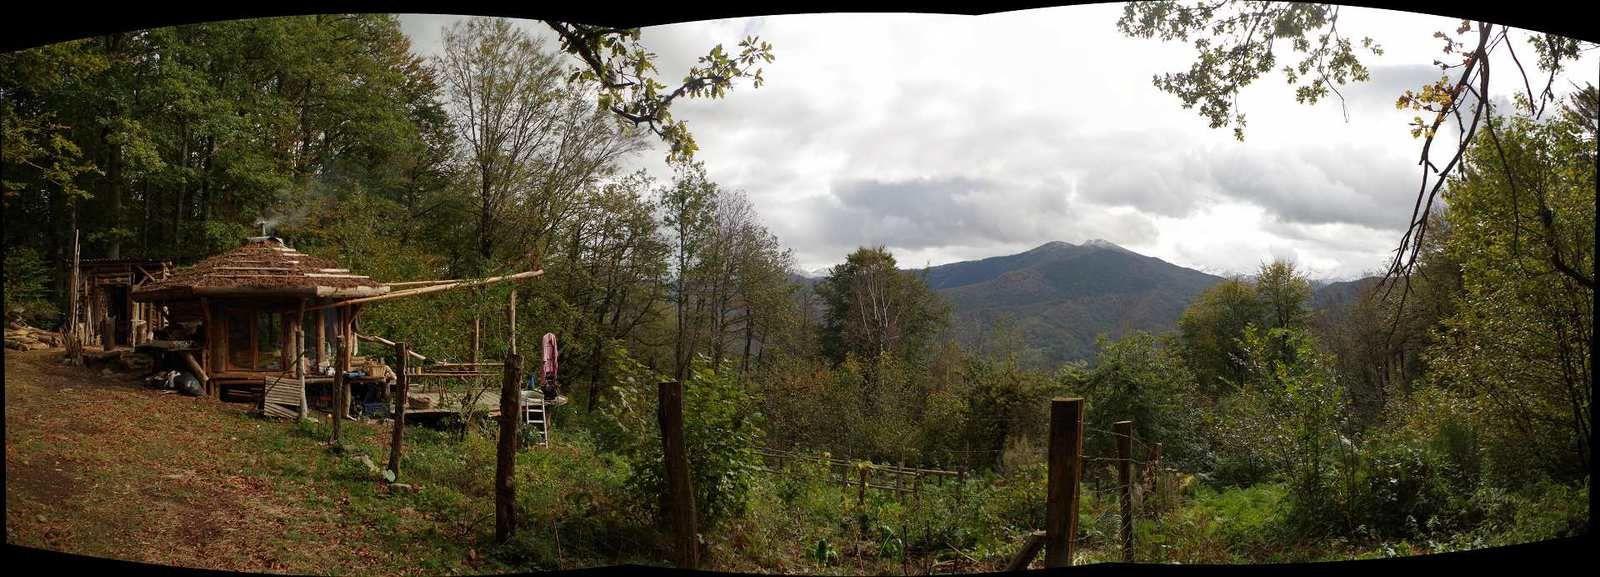 La cabane à 1001 mètres